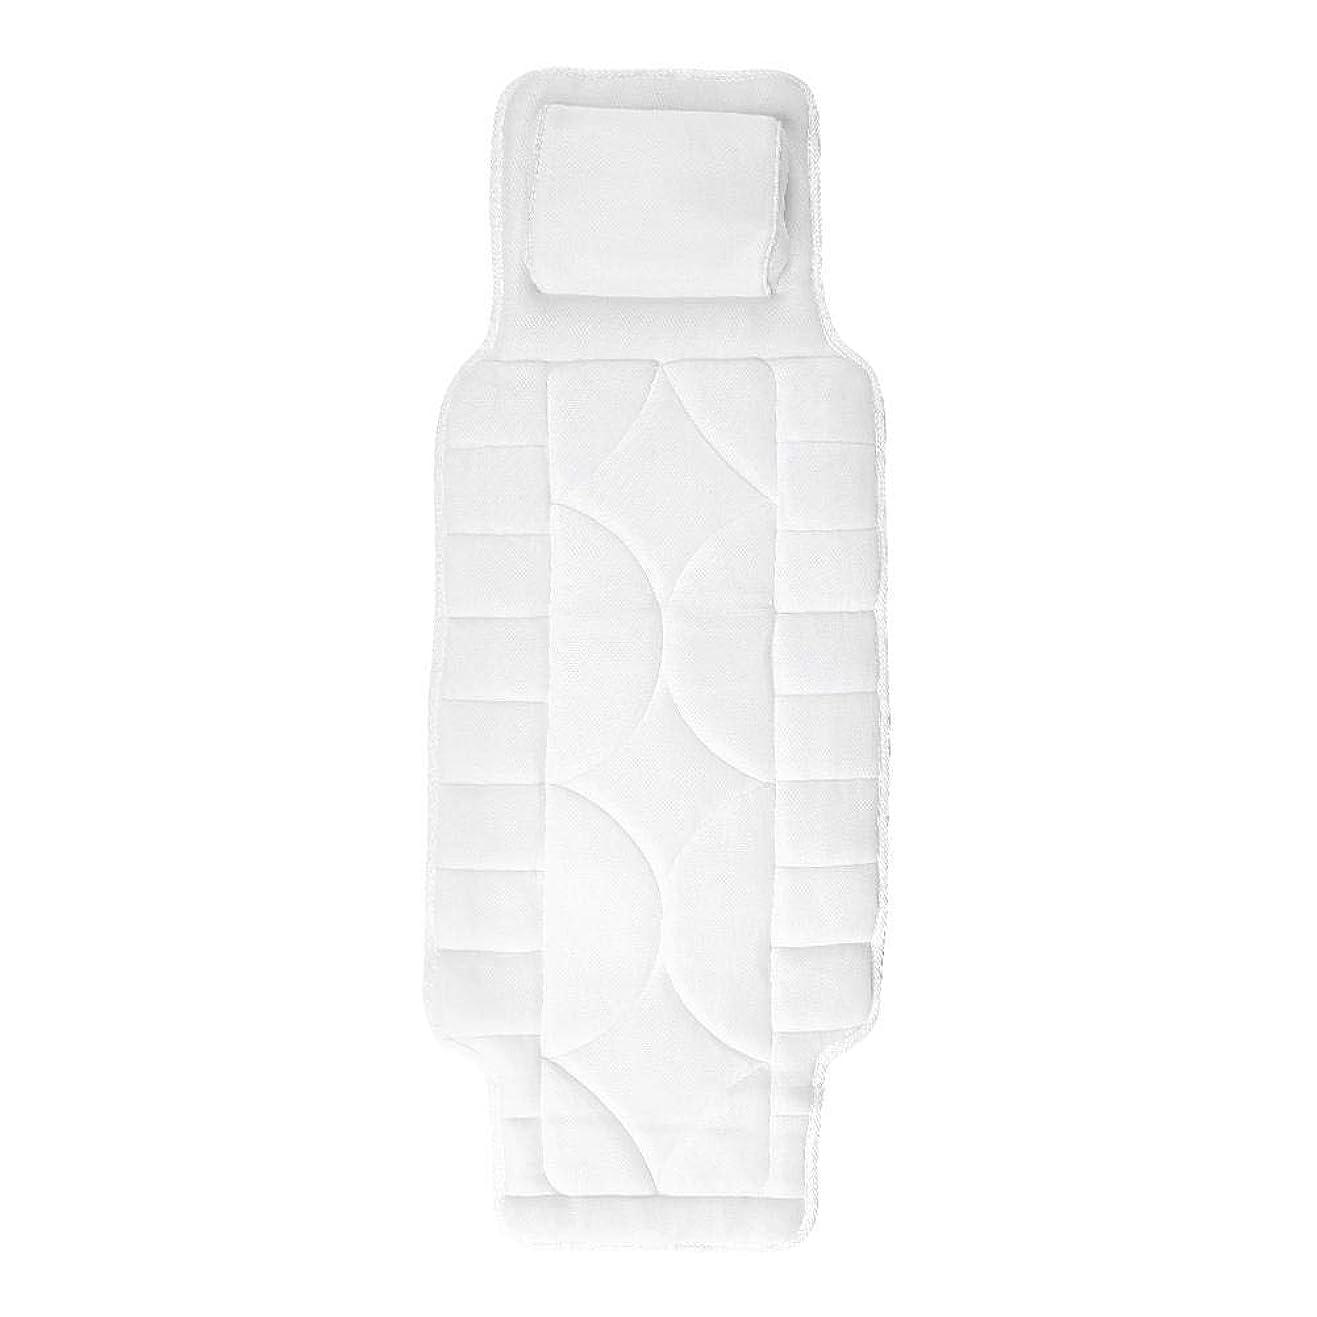 感度宿支給10個の吸引カップが付いている浴室の枕フルボディスパ浴槽の枕マット